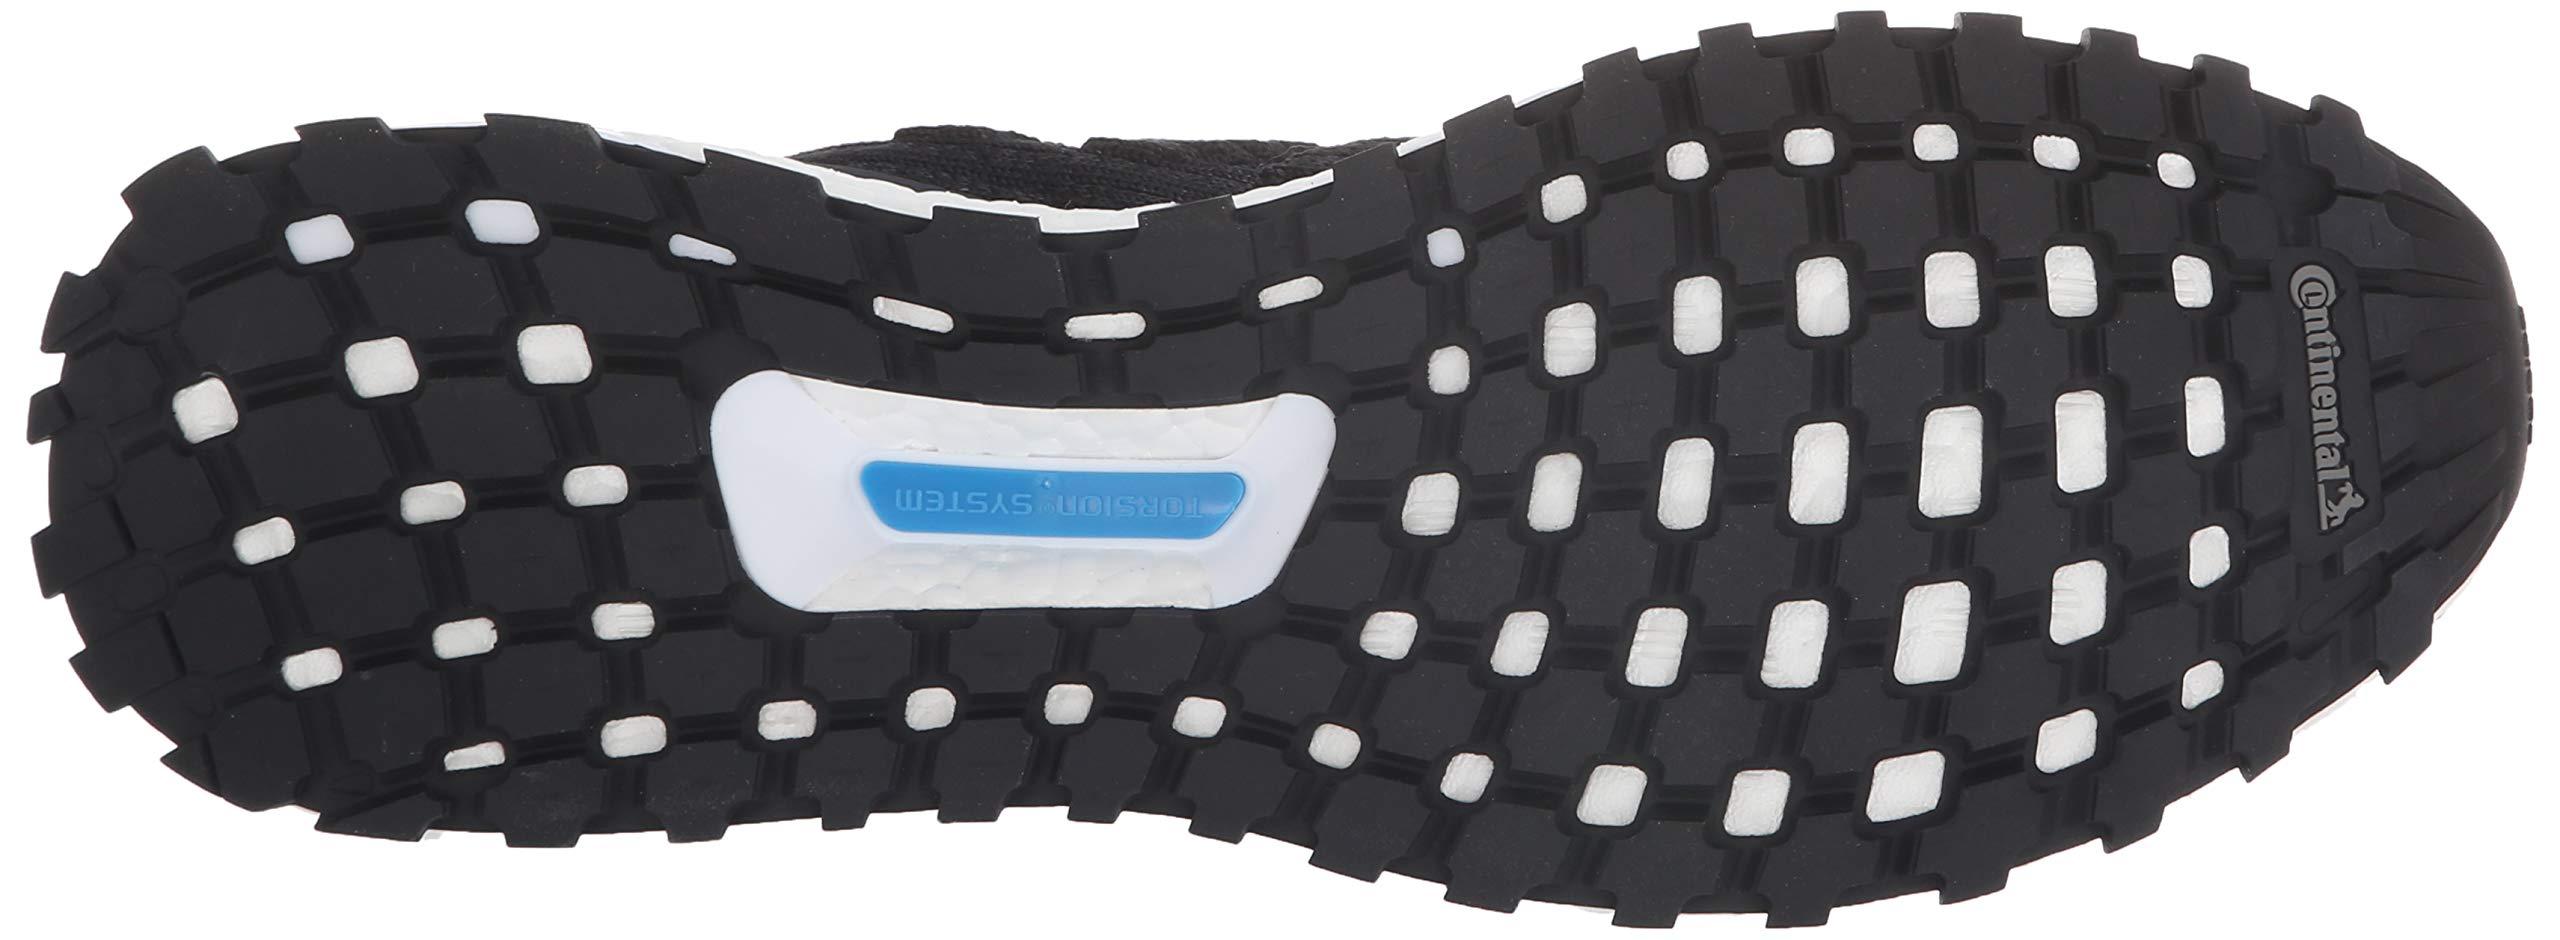 71asrpyBfCL - adidas Men's Ultraboost All Terrain Running Shoe